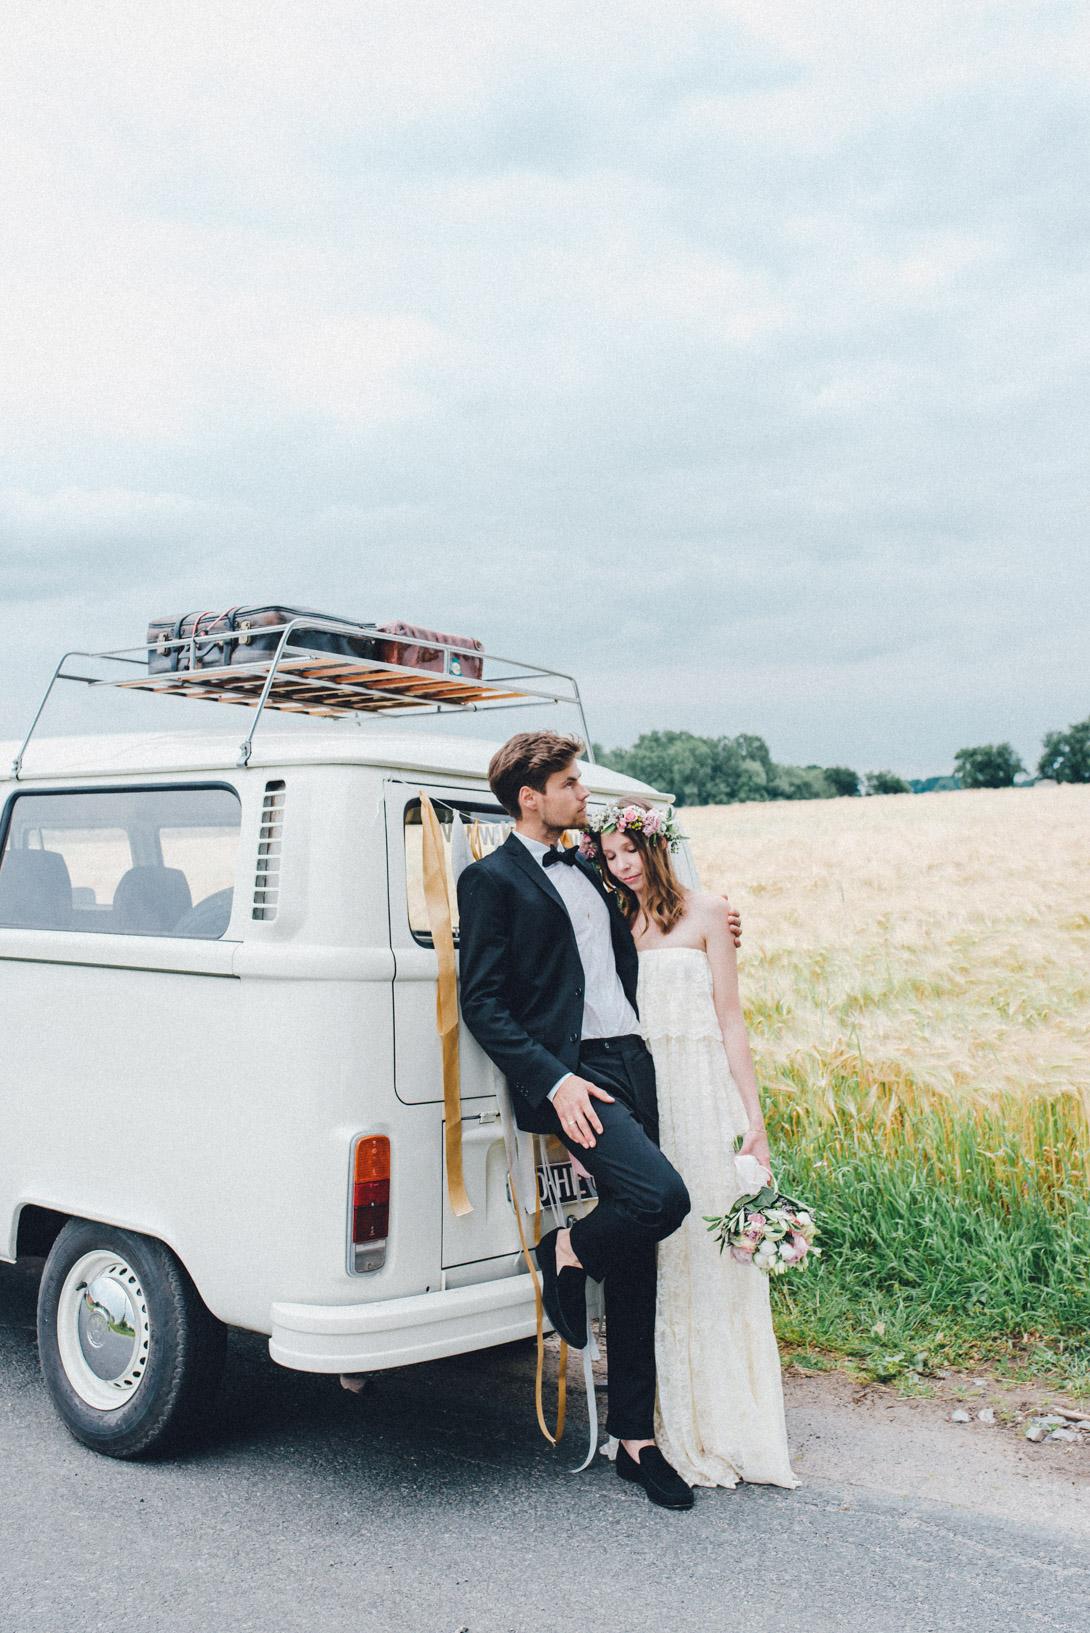 DIY-Hochzeit-gold-VW-Bully-102 Janet & Pierre DIY Midsummer-Wedding in Gold mit VW BulliDIY Hochzeit gold VW Bully 102